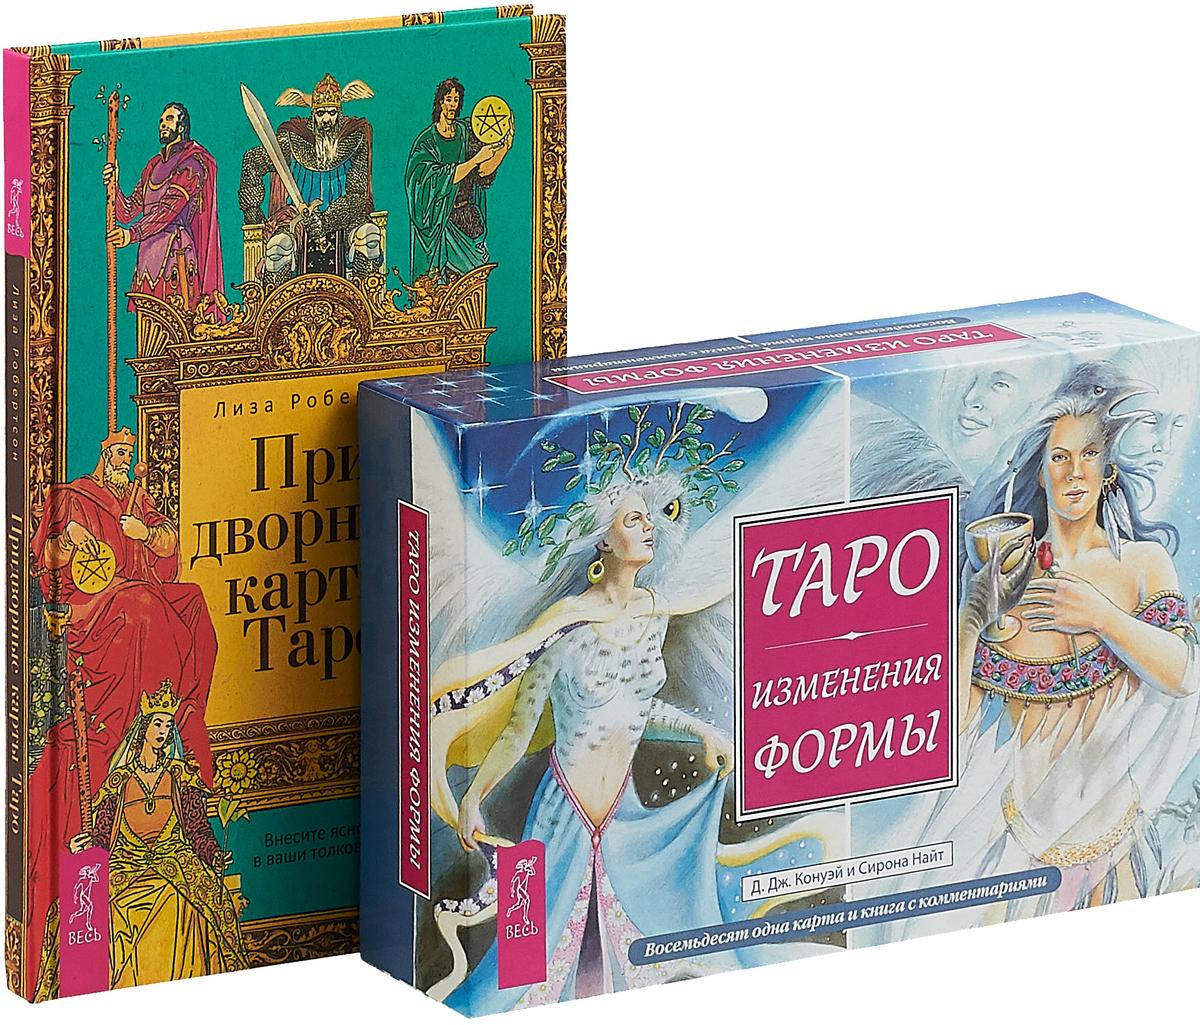 Придворные карты Таро + Таро Изменения Формы.